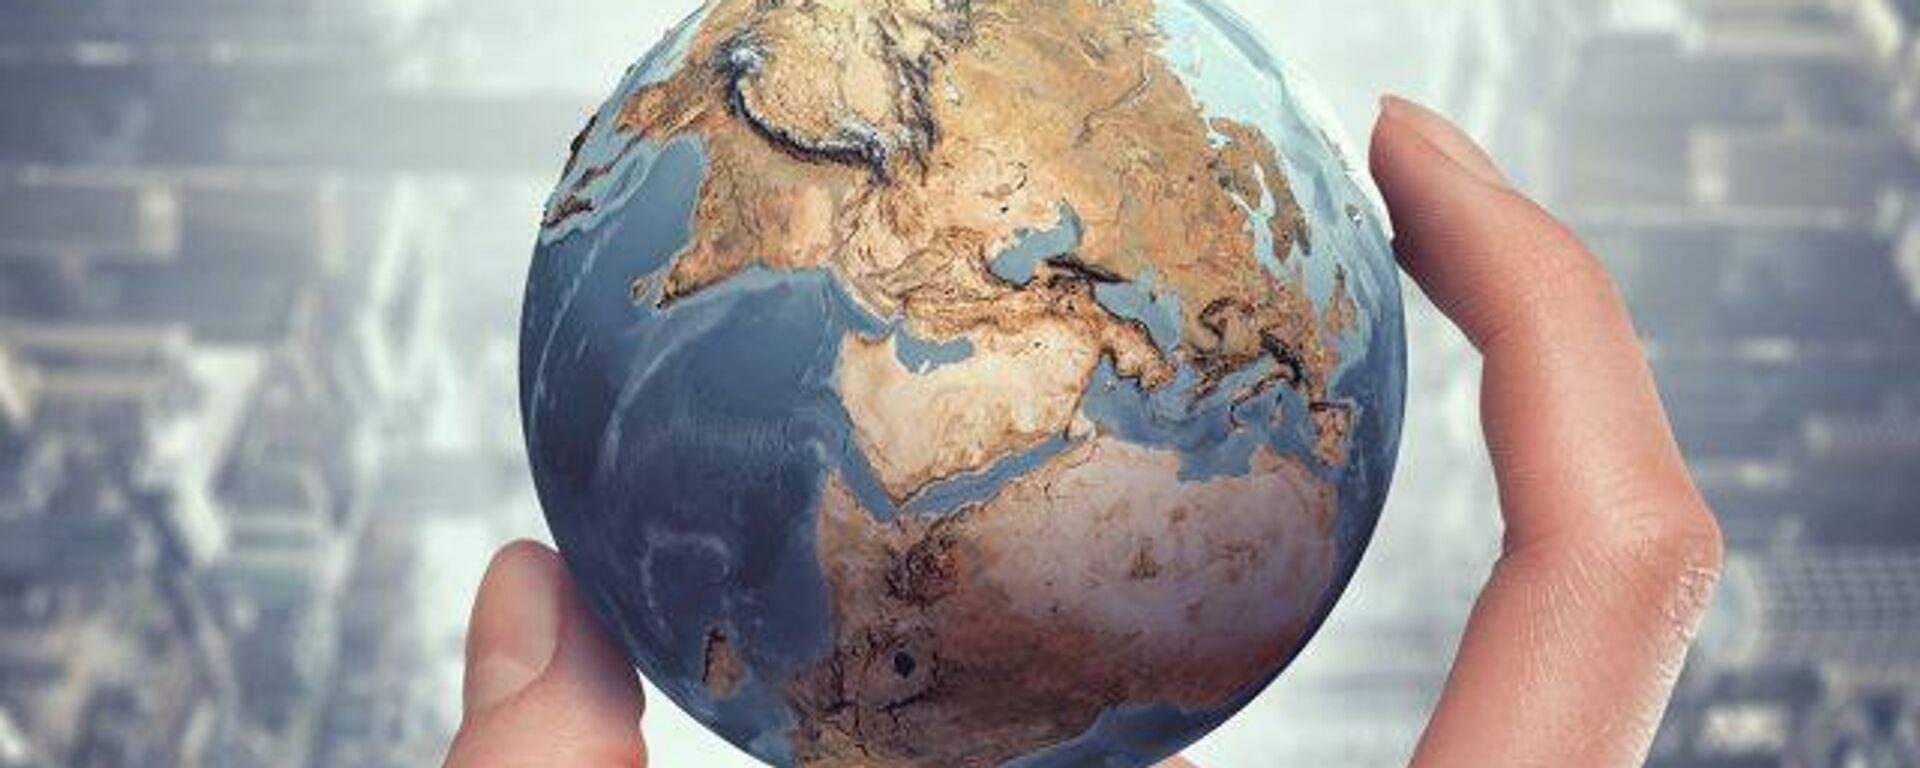 Ecuador: los docentes se movilizan en defensa de la nueva ley de educación - Sputnik Mundo, 1920, 07.07.2021